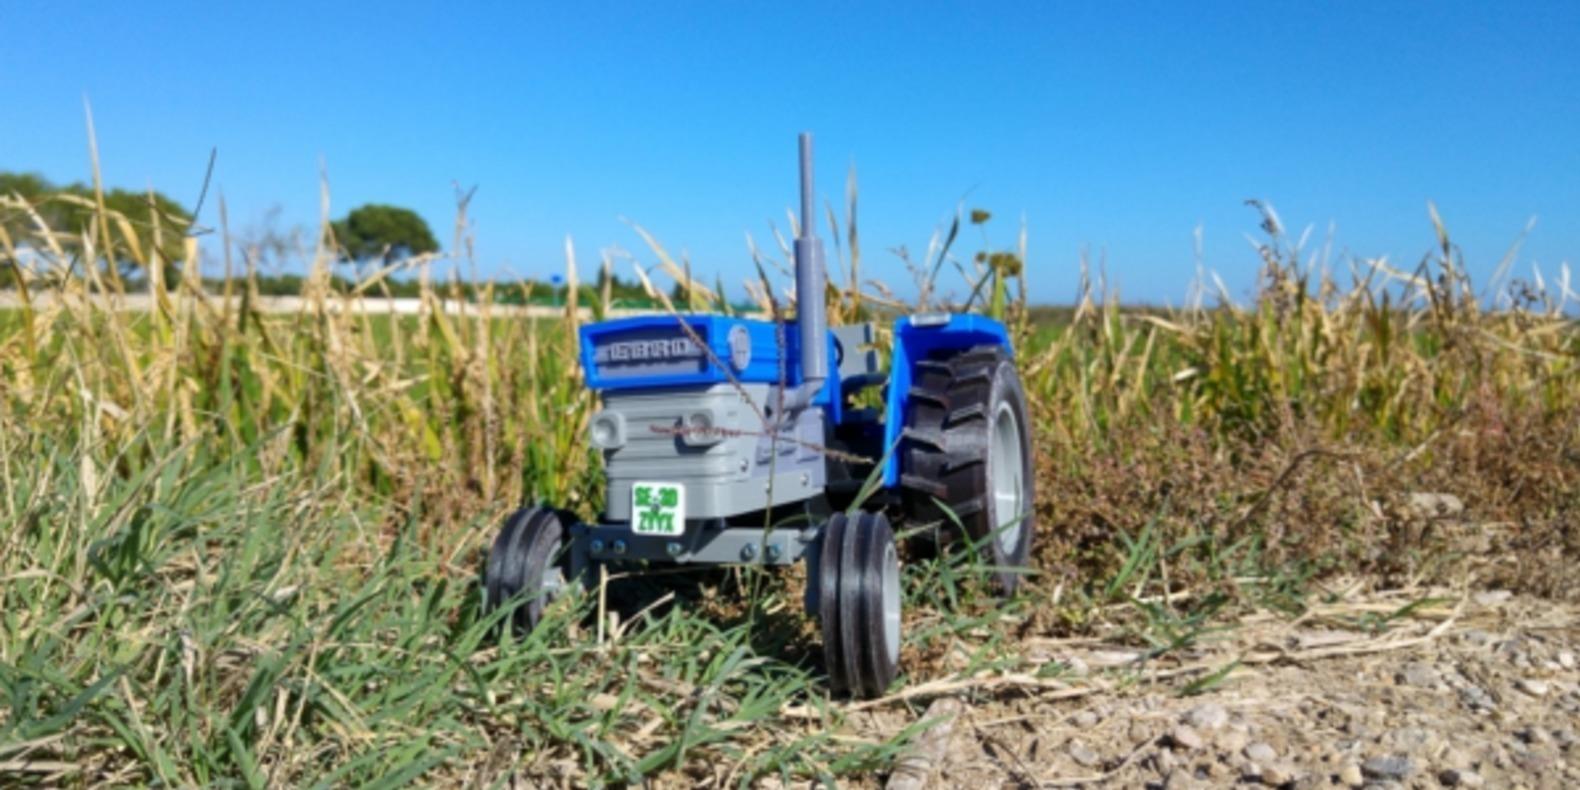 Tracteur-imprimé-en-3D-fichier-3D-cults-openRC-tractor-4.png